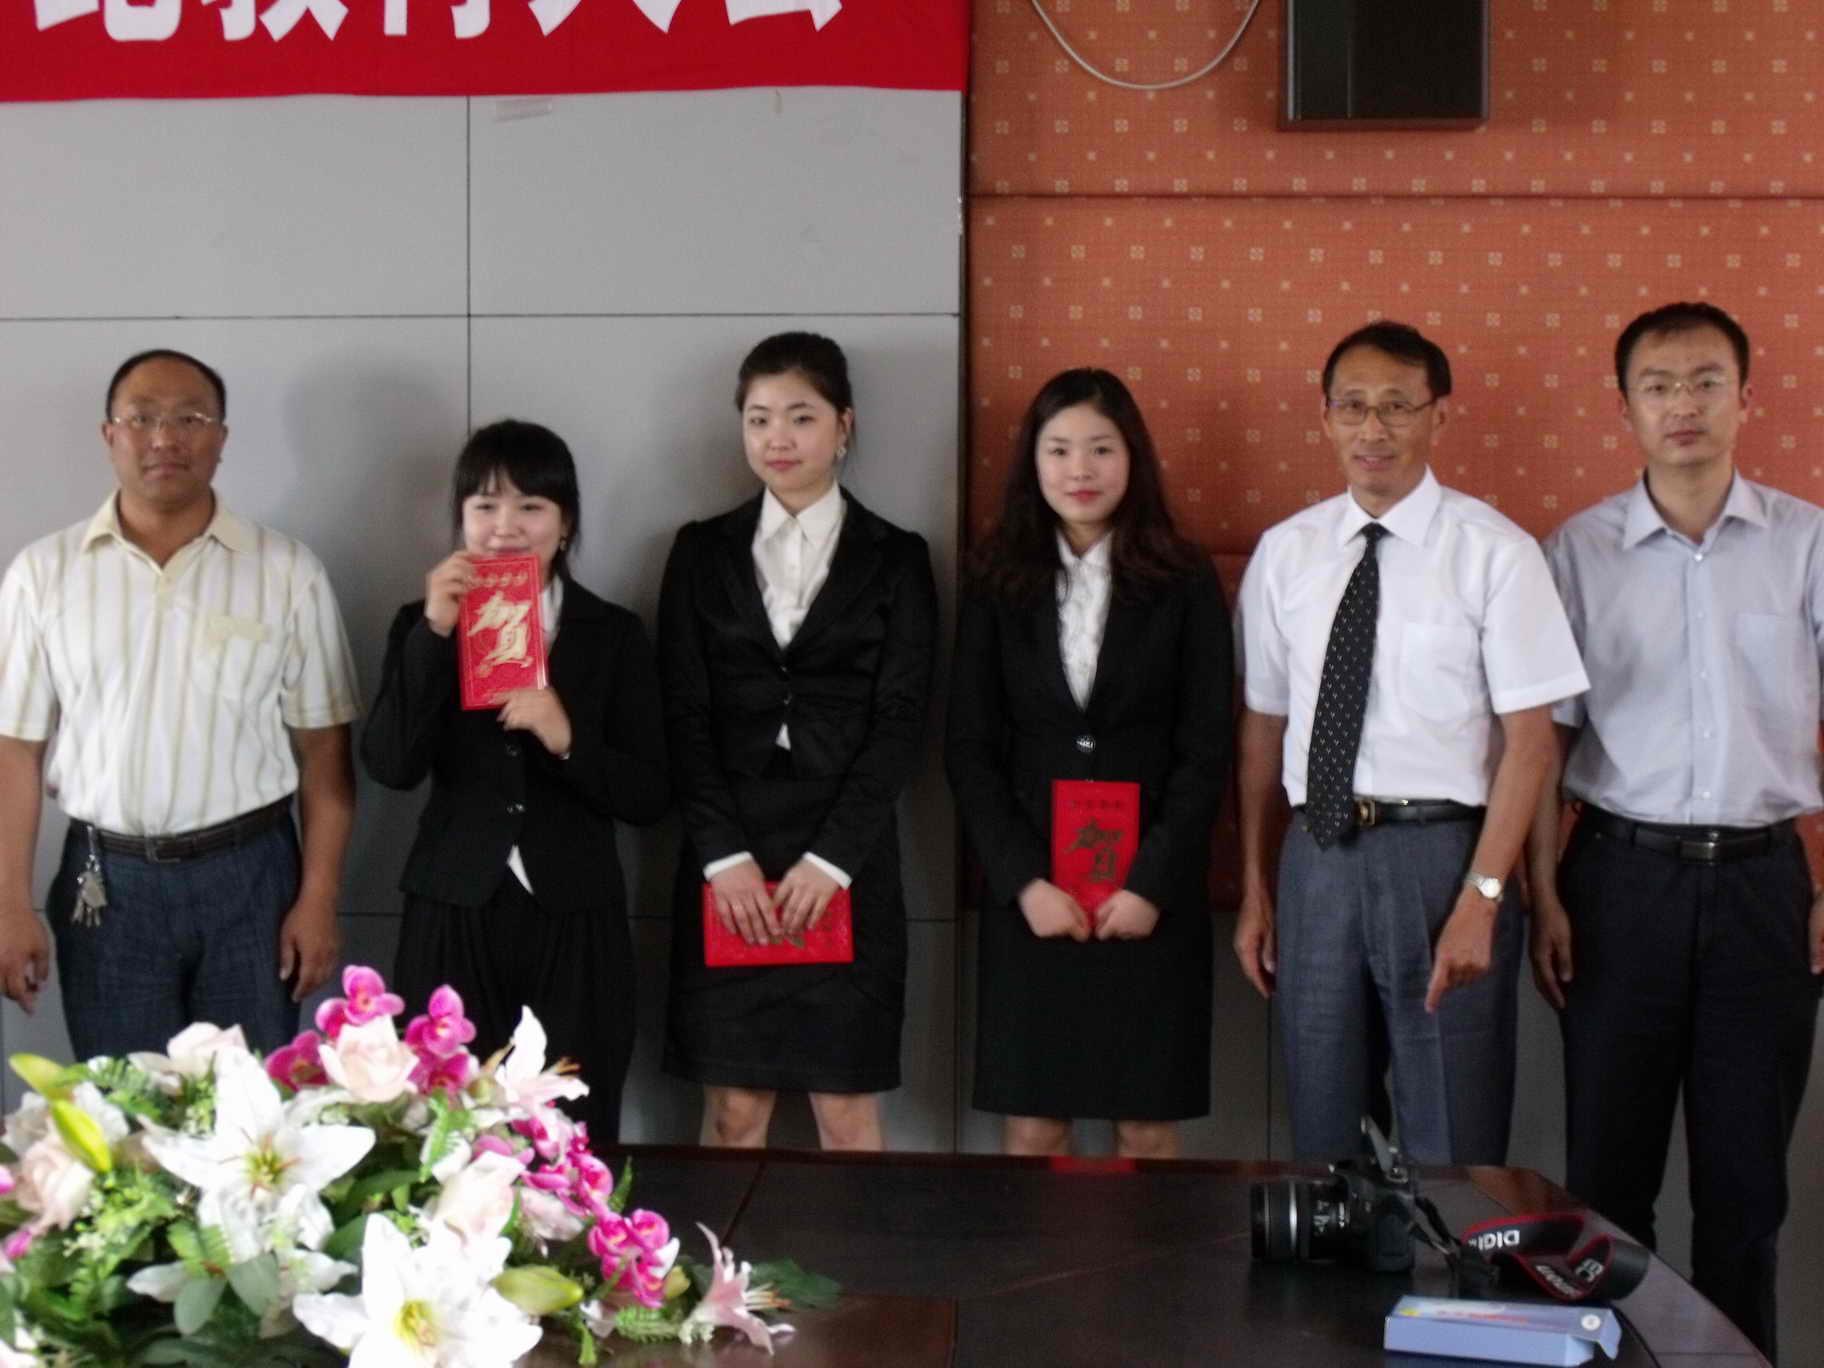 会议由国际文化交流学院教师常利民主持. 田森院长首先致辞.图片